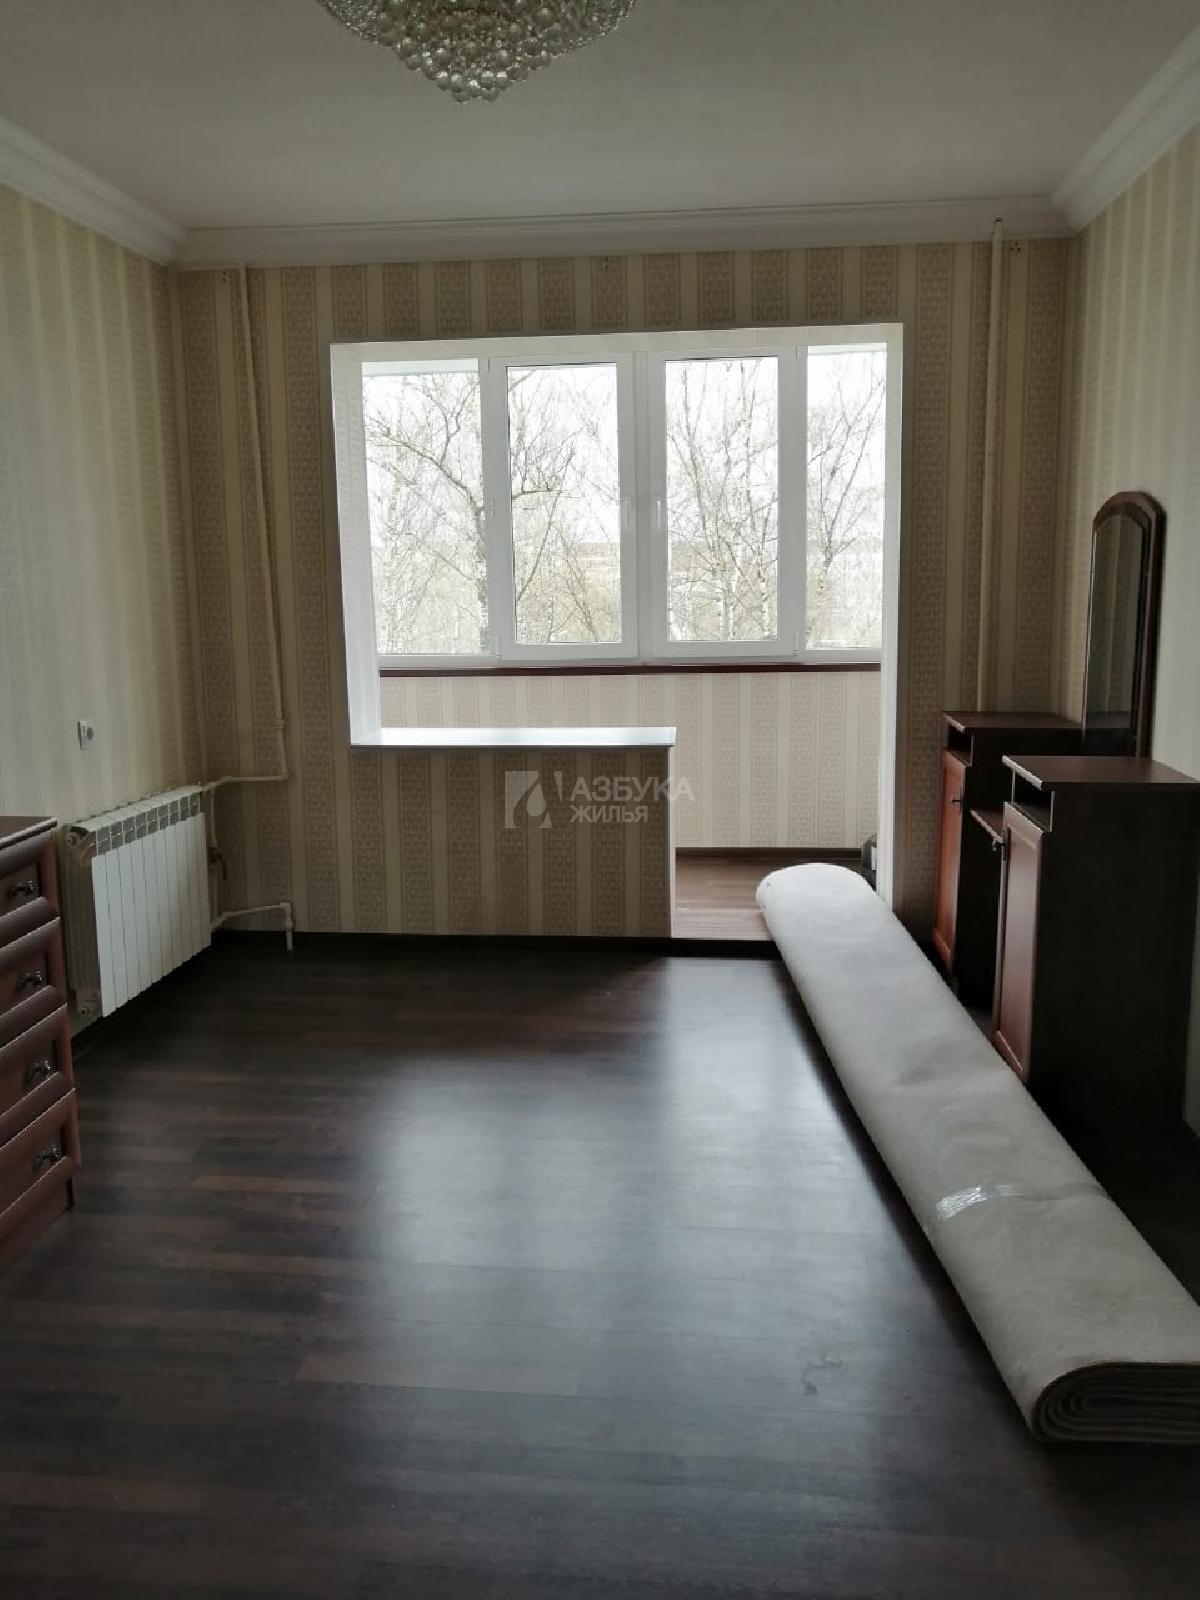 Фото №11 - 1-комнатная квартира, Балашиха, микрорайон Саввино, 1 Мая улица 11